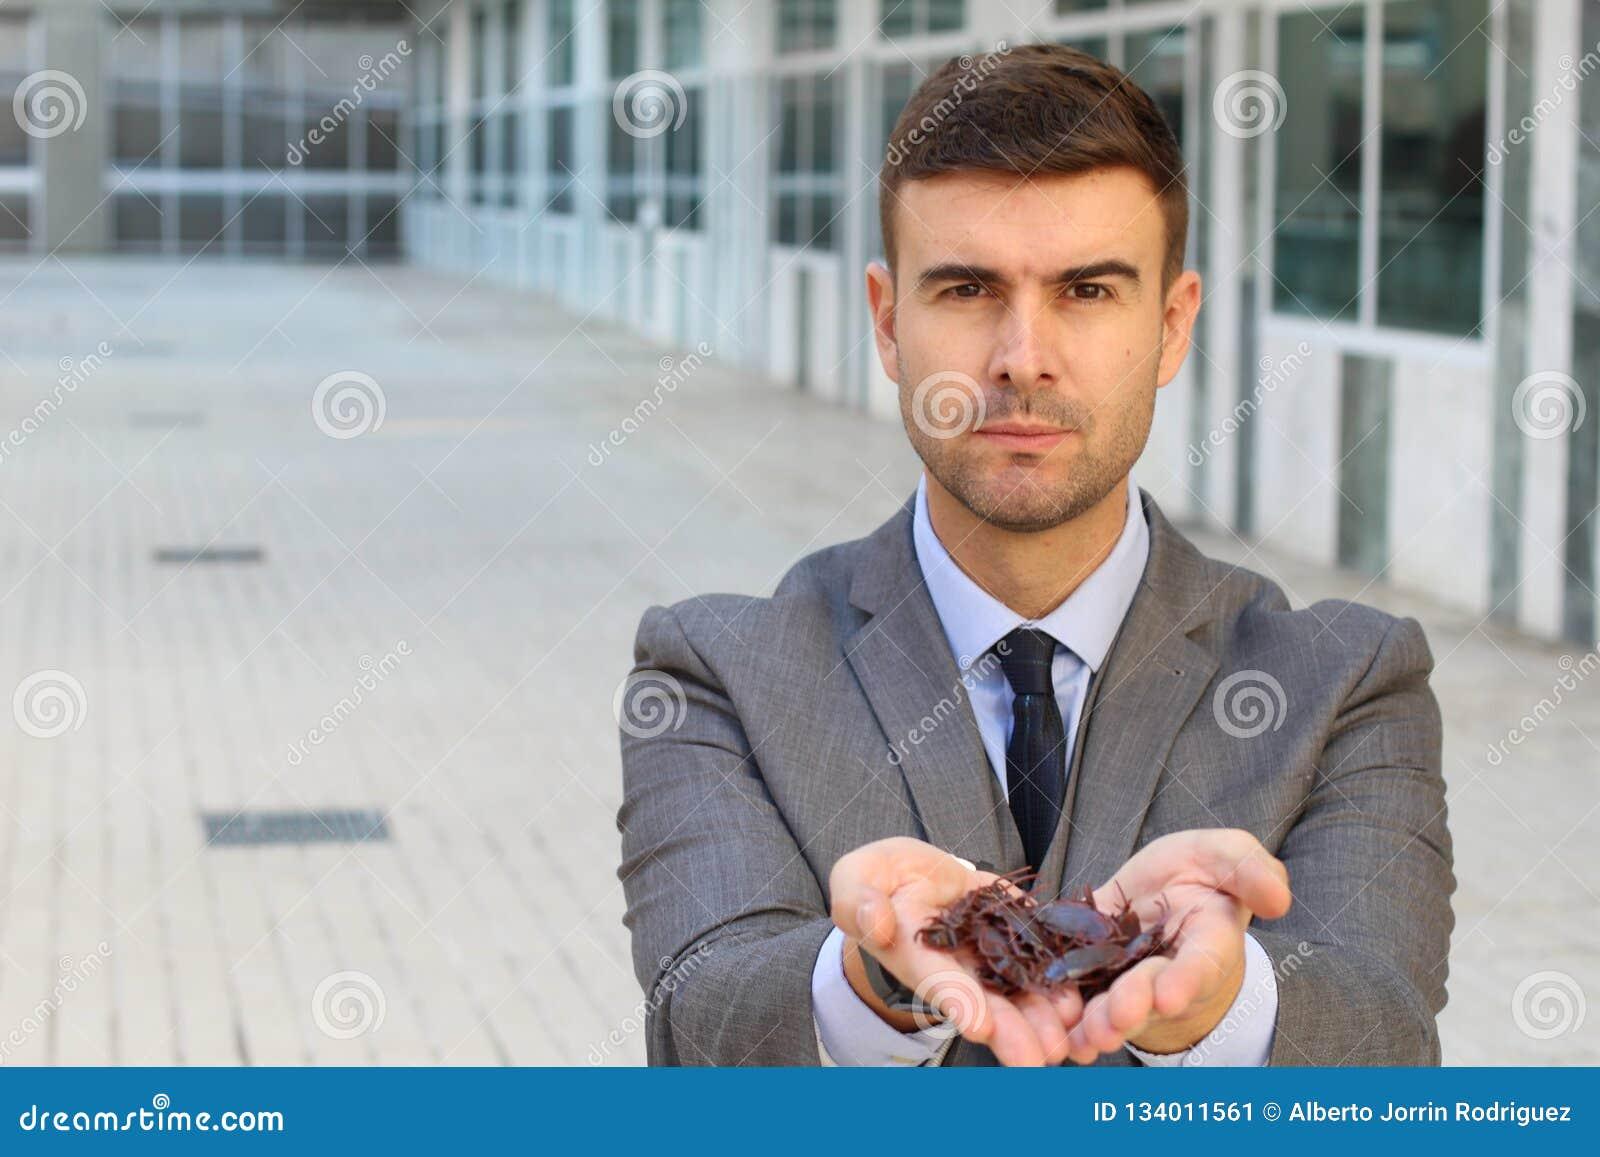 Zakenman met veelvoudige kakkerlakken in zijn handen